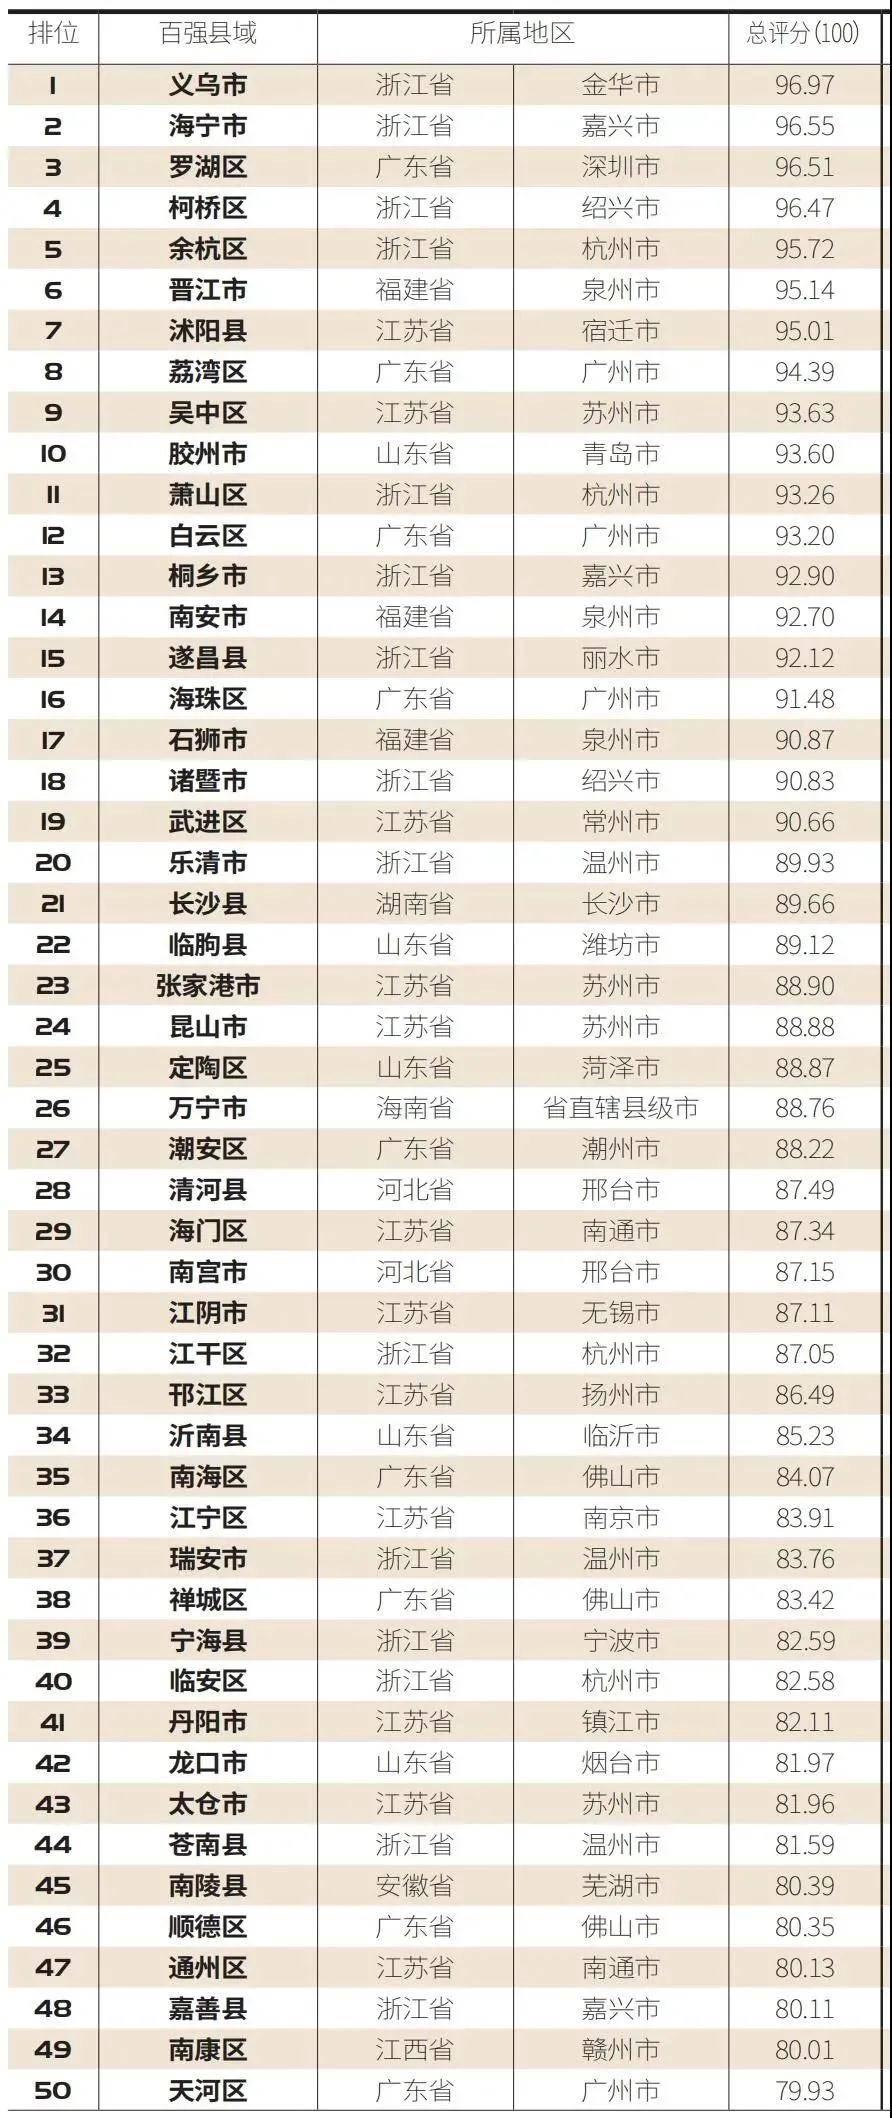 2020年玉林市7县区GDP排名_2020年世界gdp排名